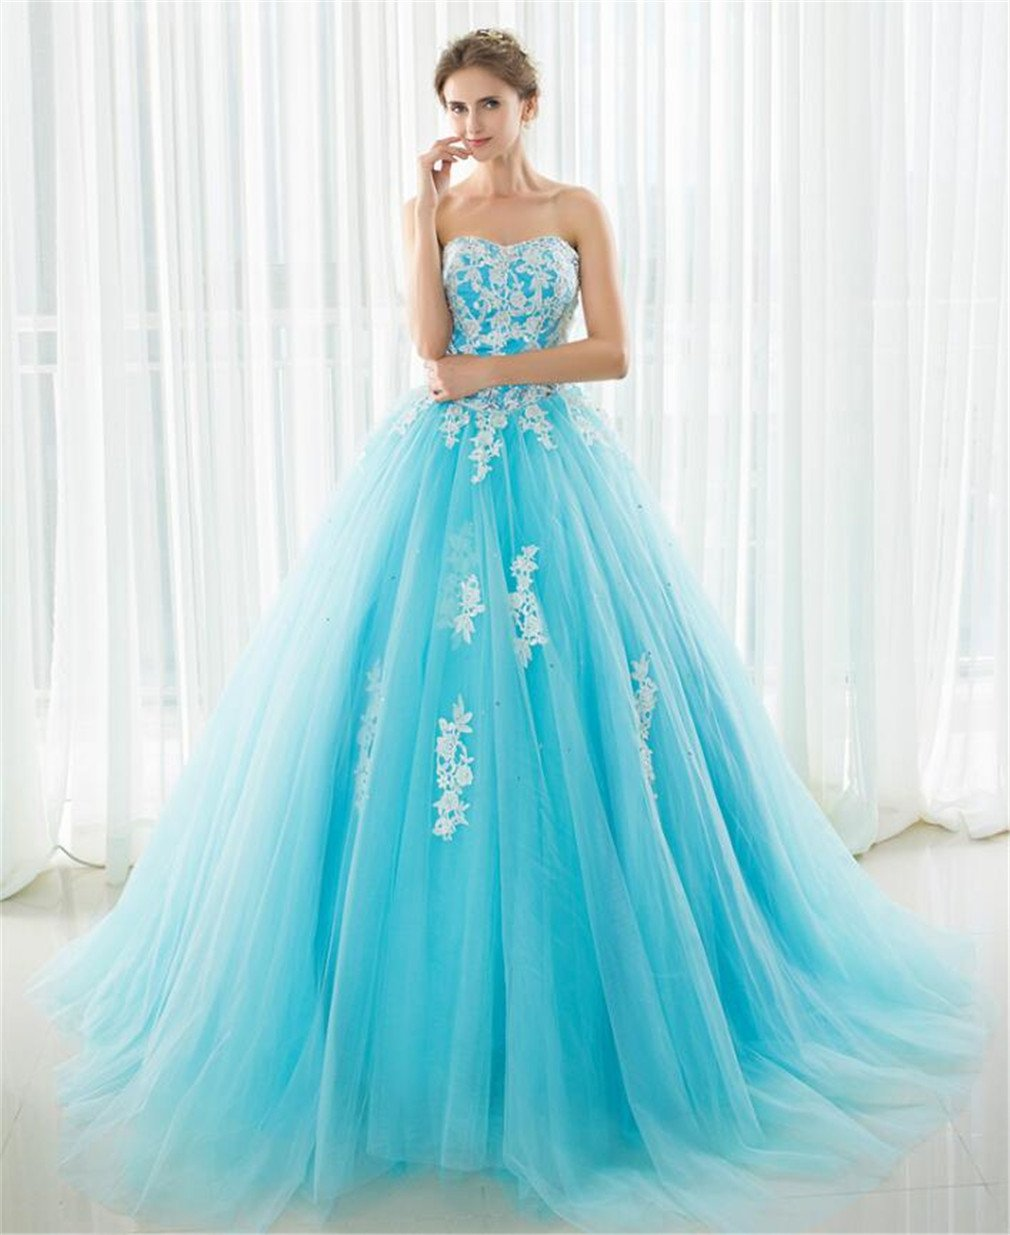 LUCKY-U Vestido De Novia, Vestidos De Dama De Honor del Vestido De ...